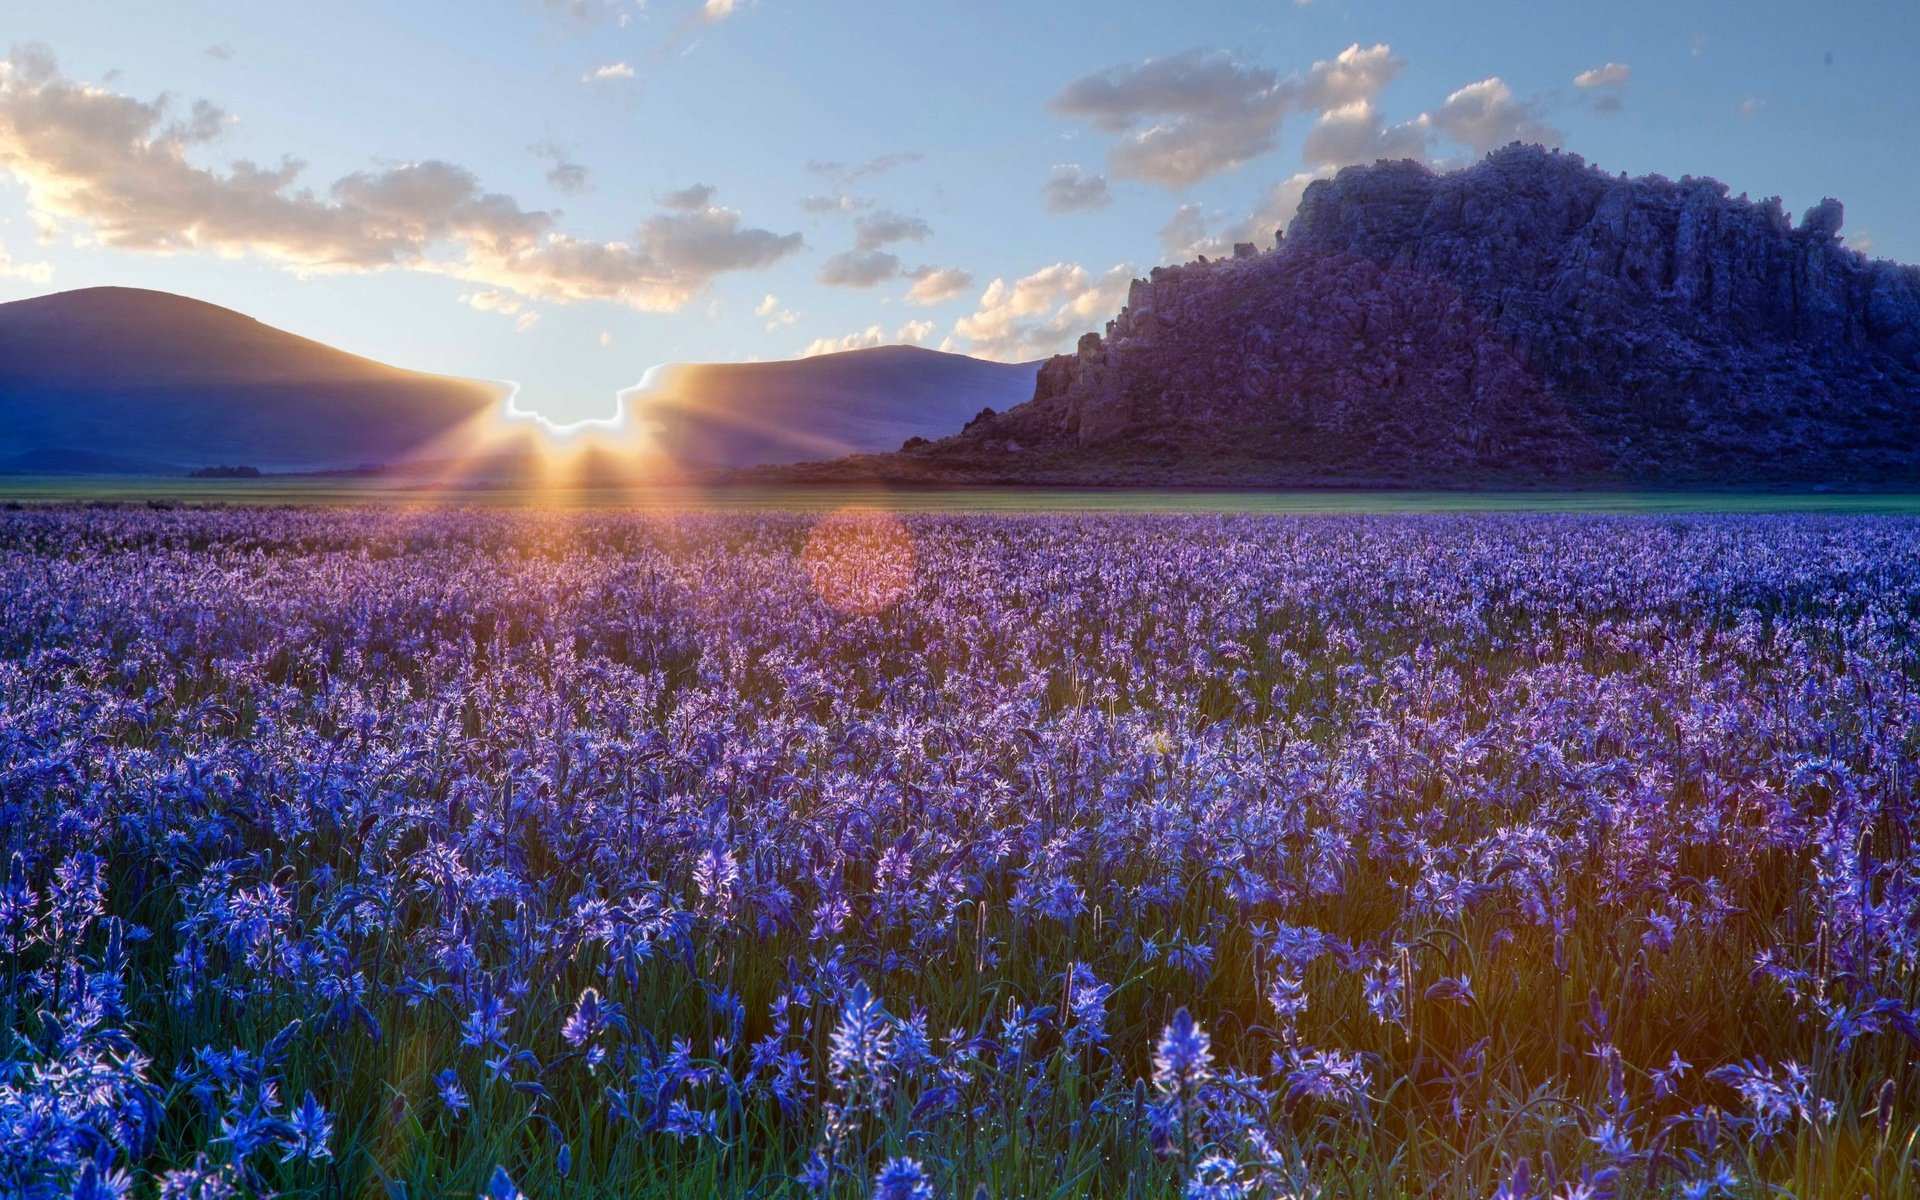 поле цветы рассвет field flowers dawn  № 3837119 загрузить